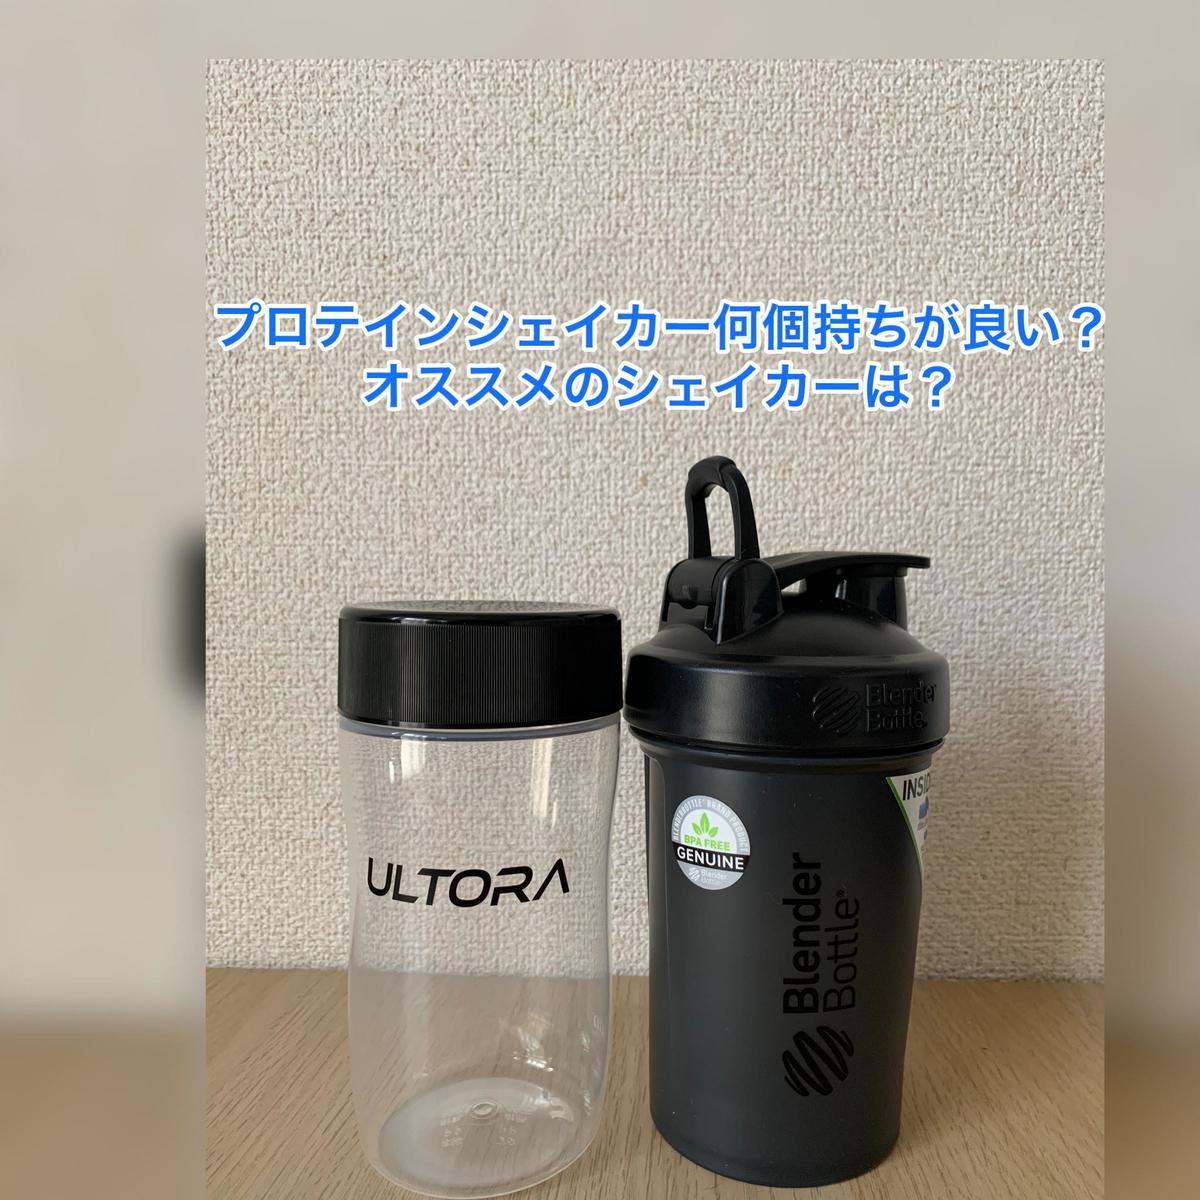 f:id:Ryu-1124:20200529110956j:plain